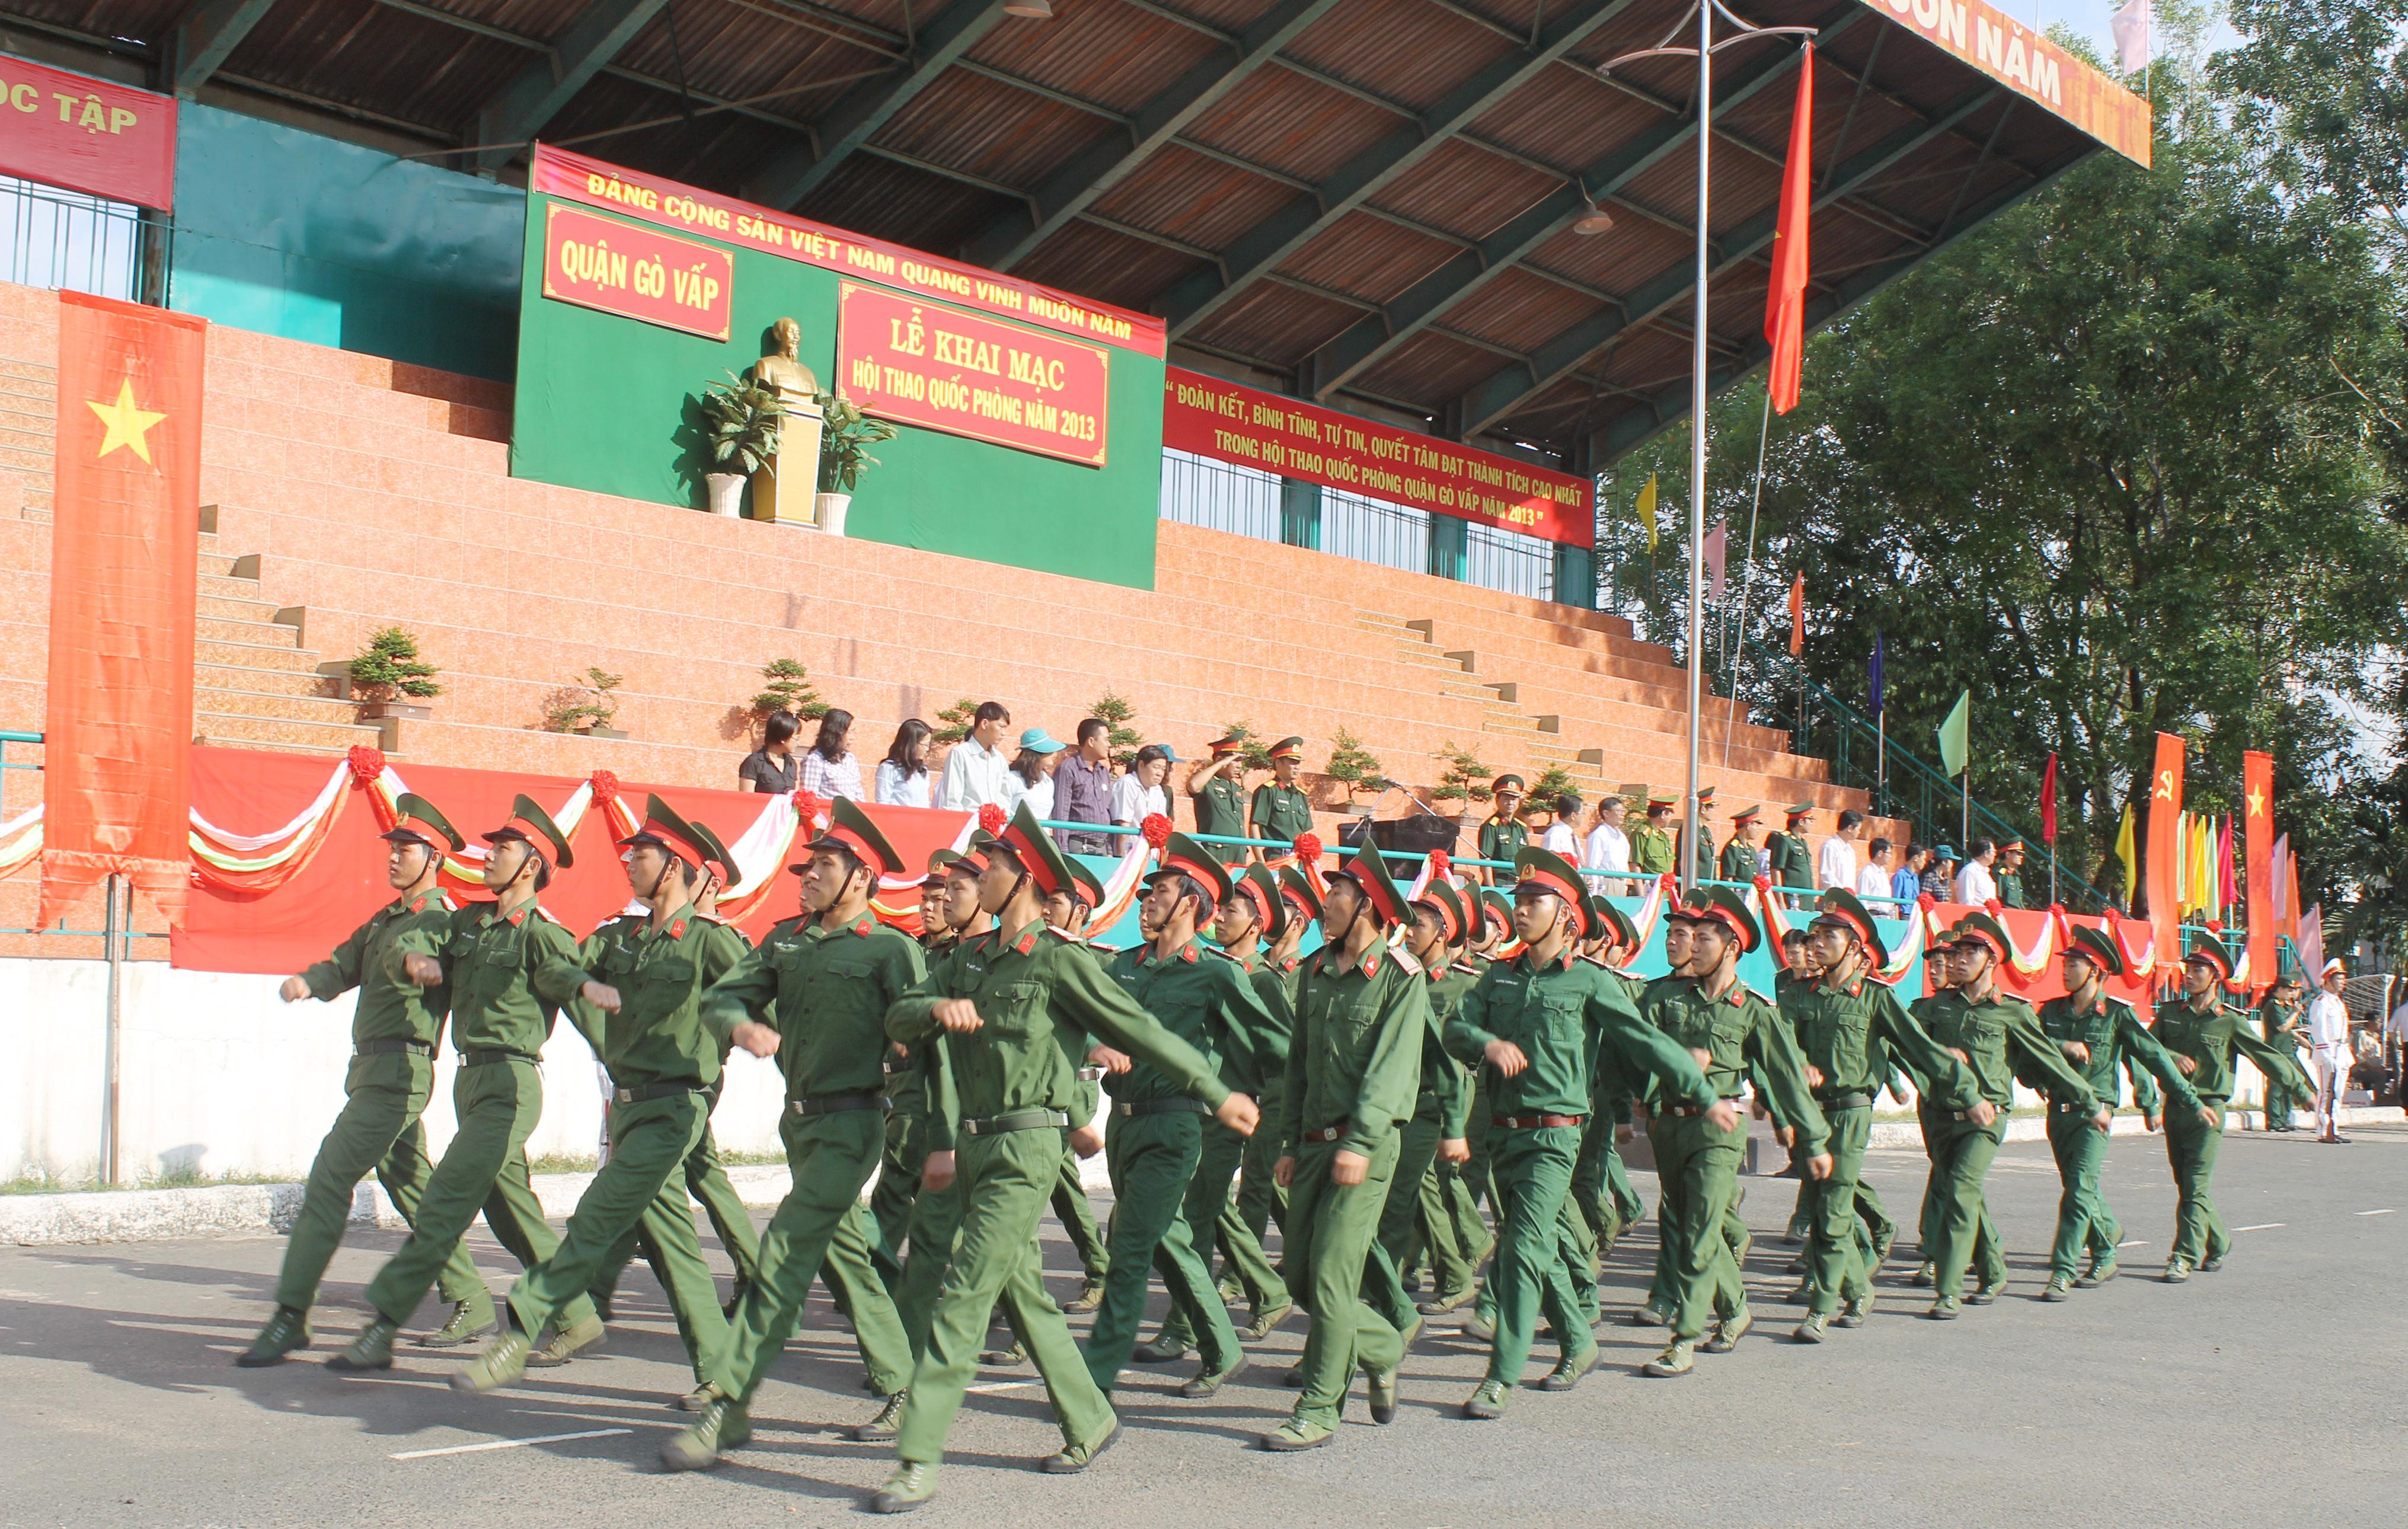 Danh sách trúng tuyển NVBS trường Sĩ quan kỹ thuật quân sự 2016